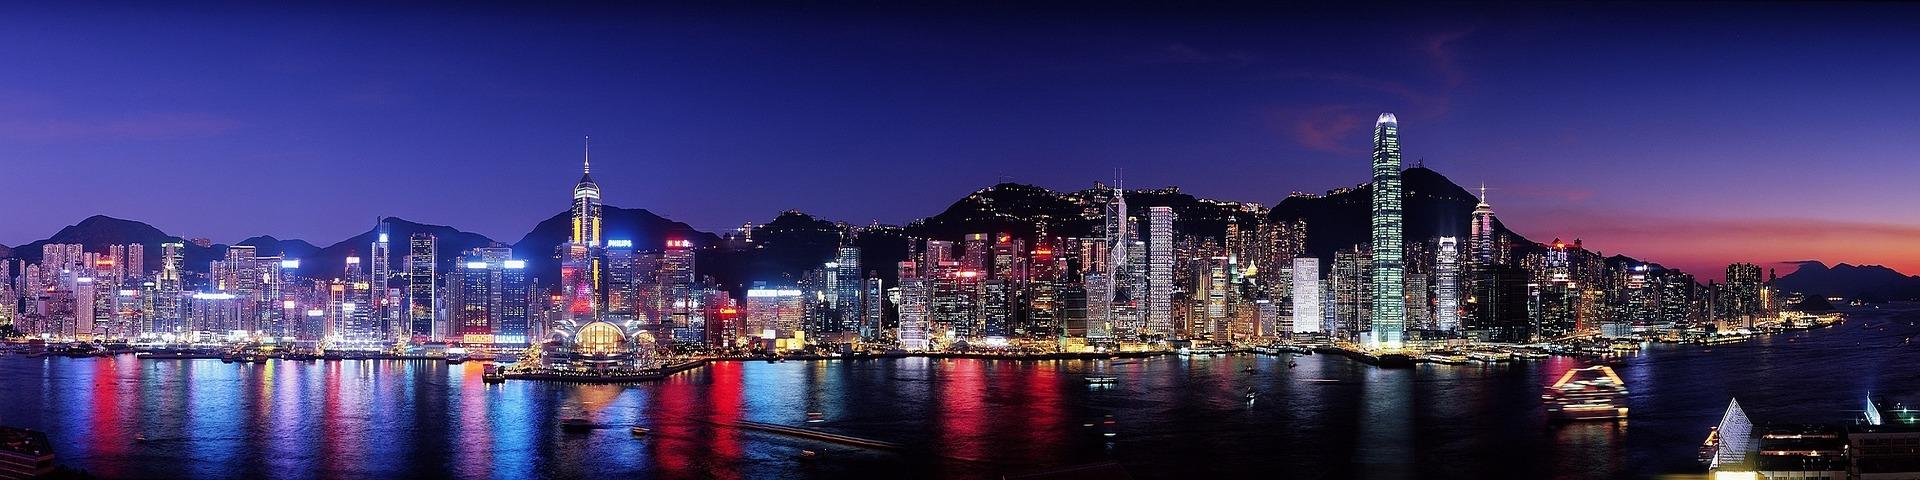 Hong Kong matchmaking